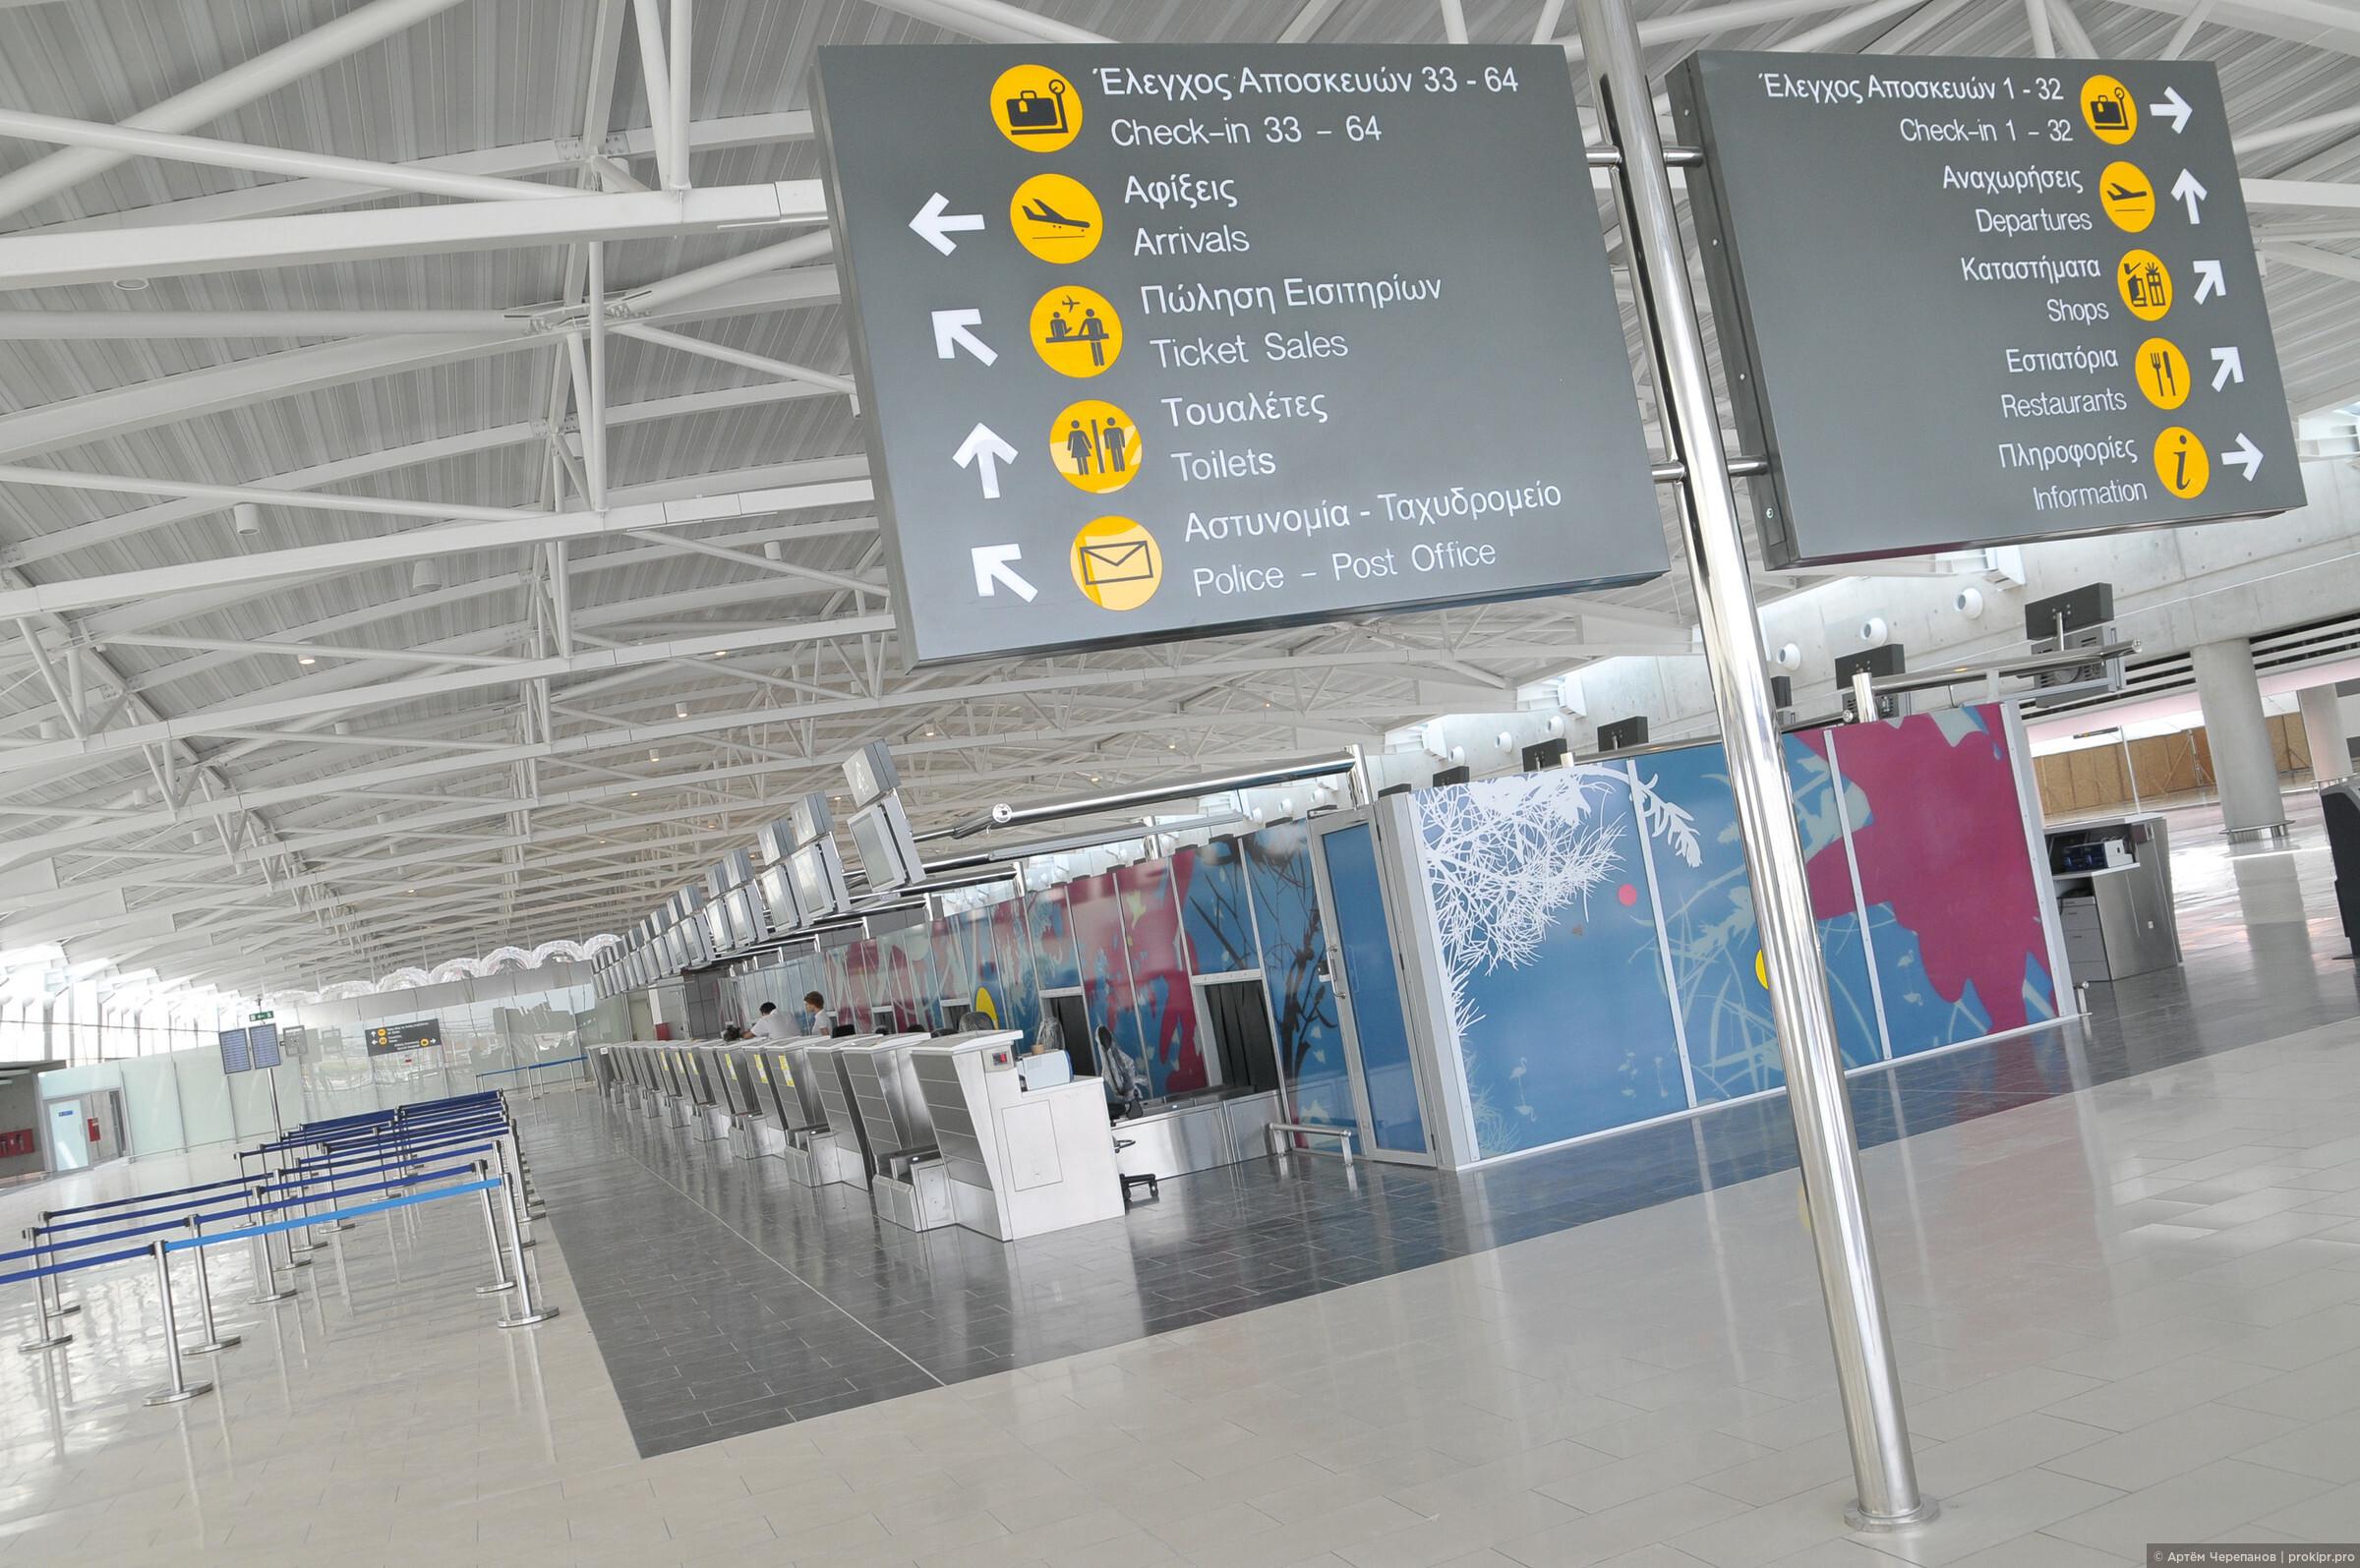 Cистема быстрого прохождения паспортного контроля в аэропортах Кипра